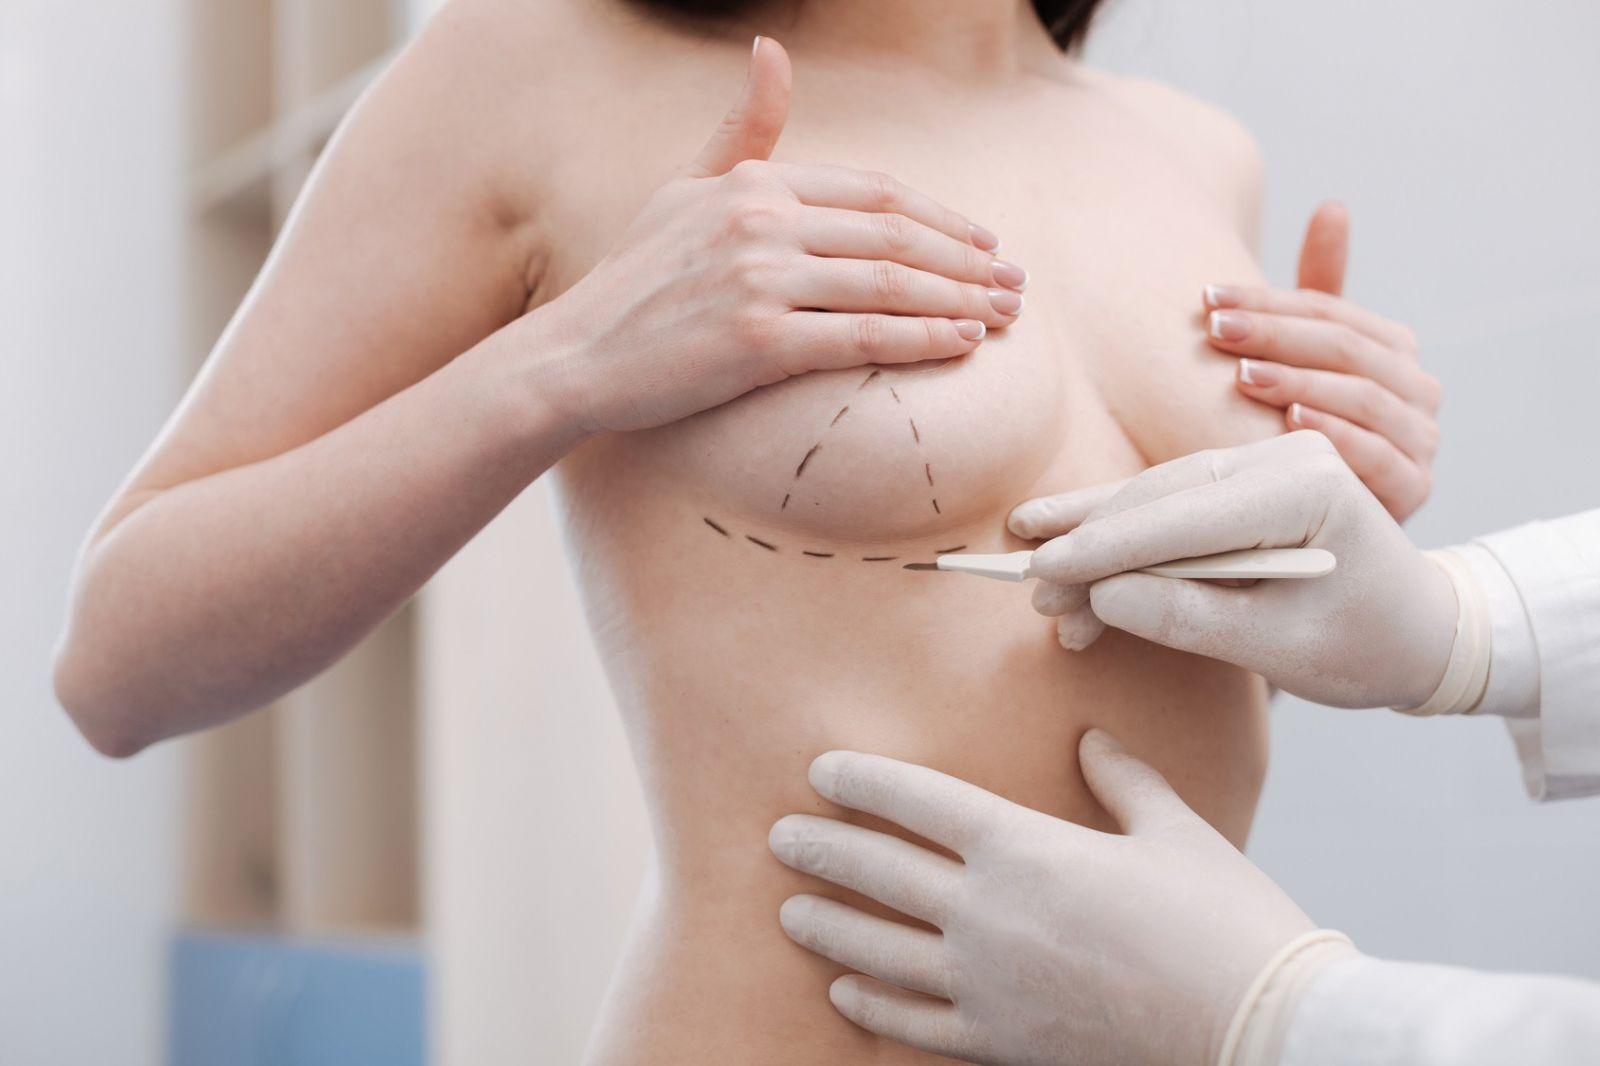 Phẫu thuật nâng ngực nội soi sử dụng thiết bị nội soi rõ nét